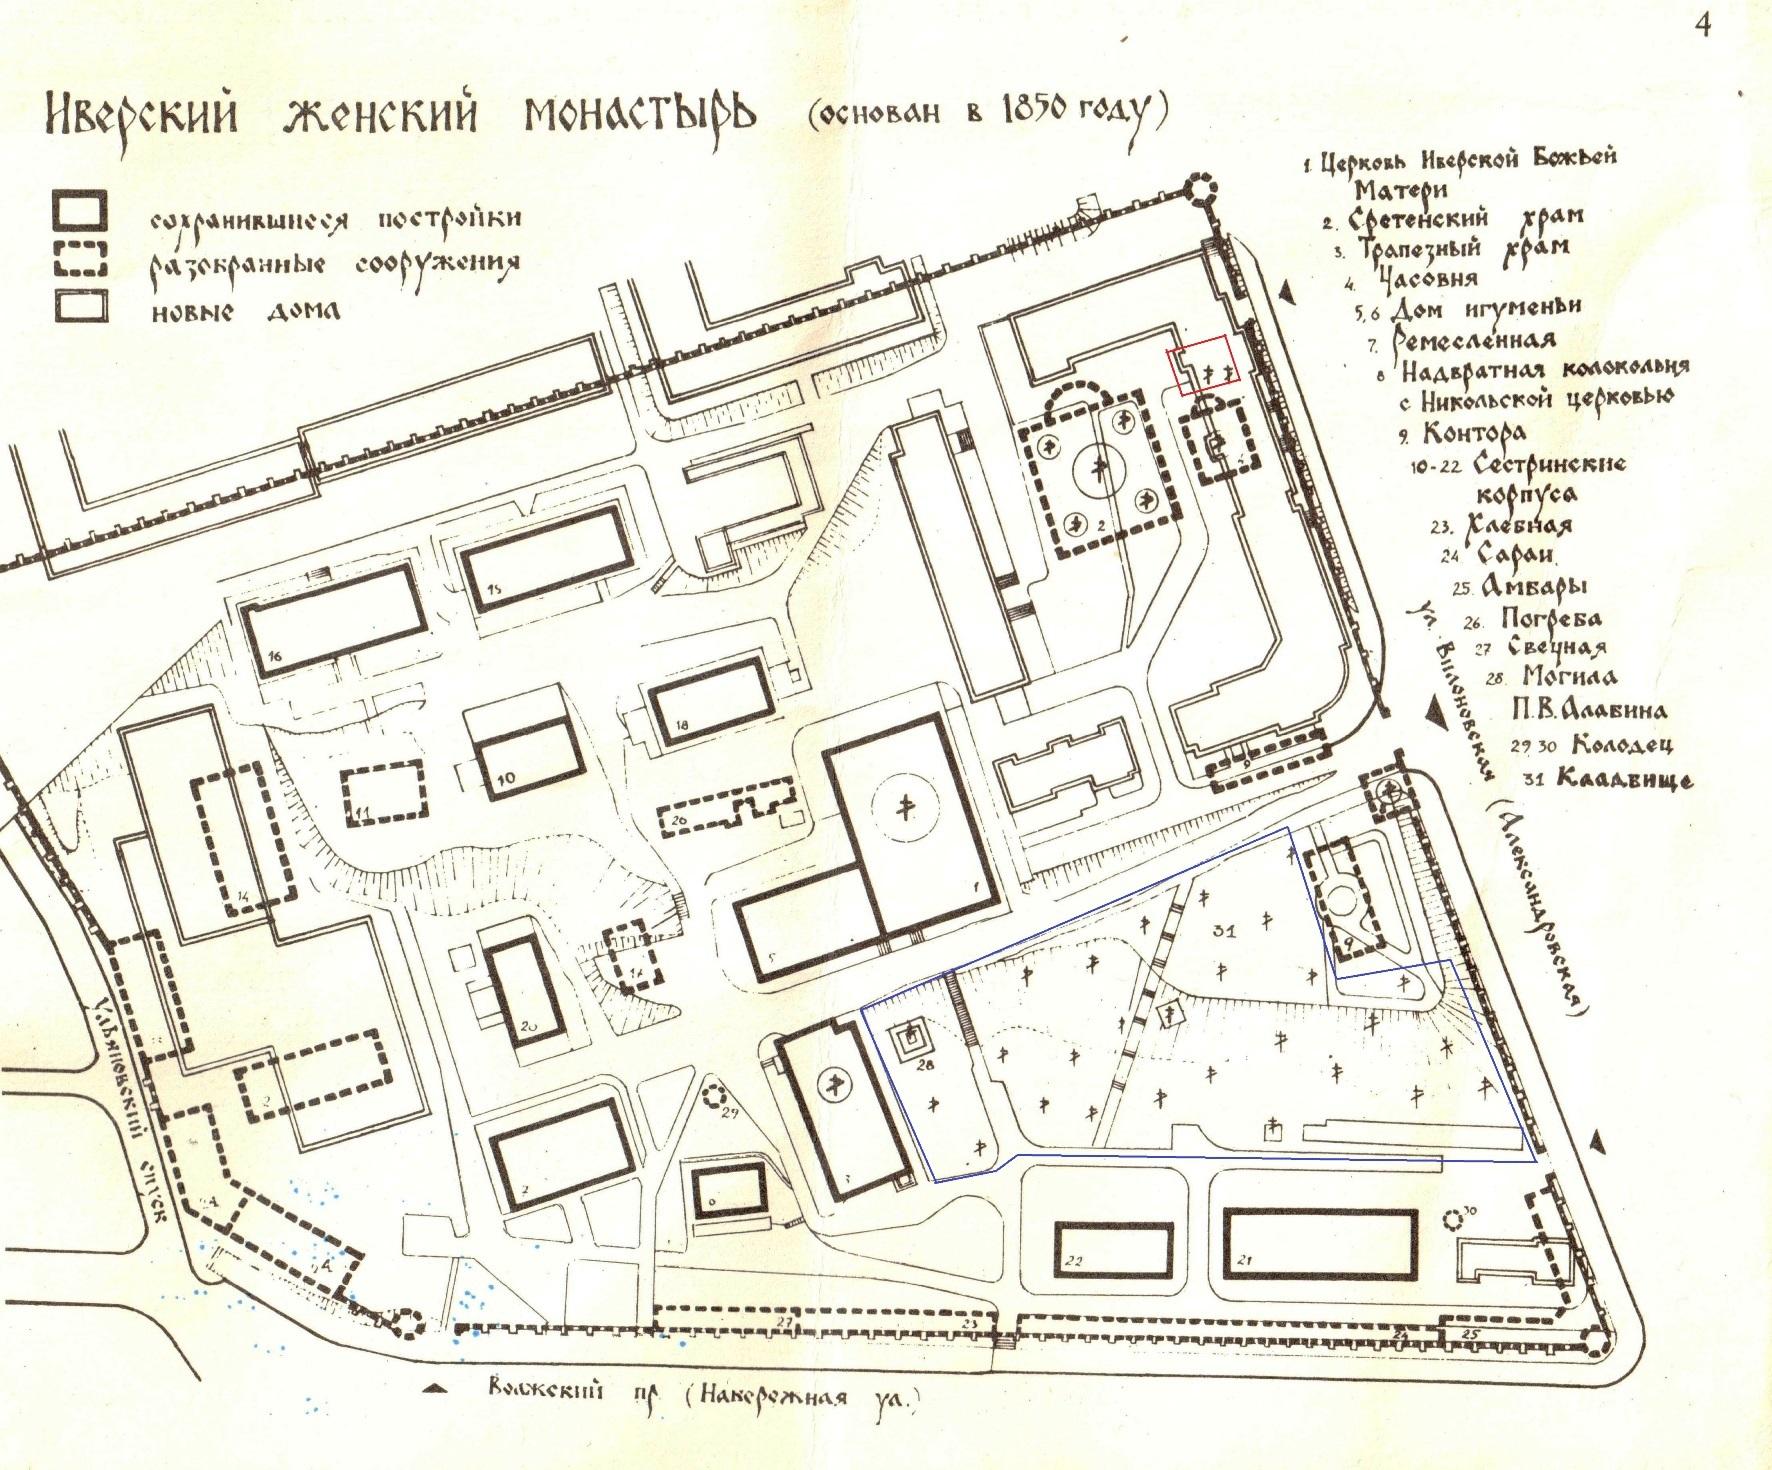 Карта Иверского монастыря в Самаре